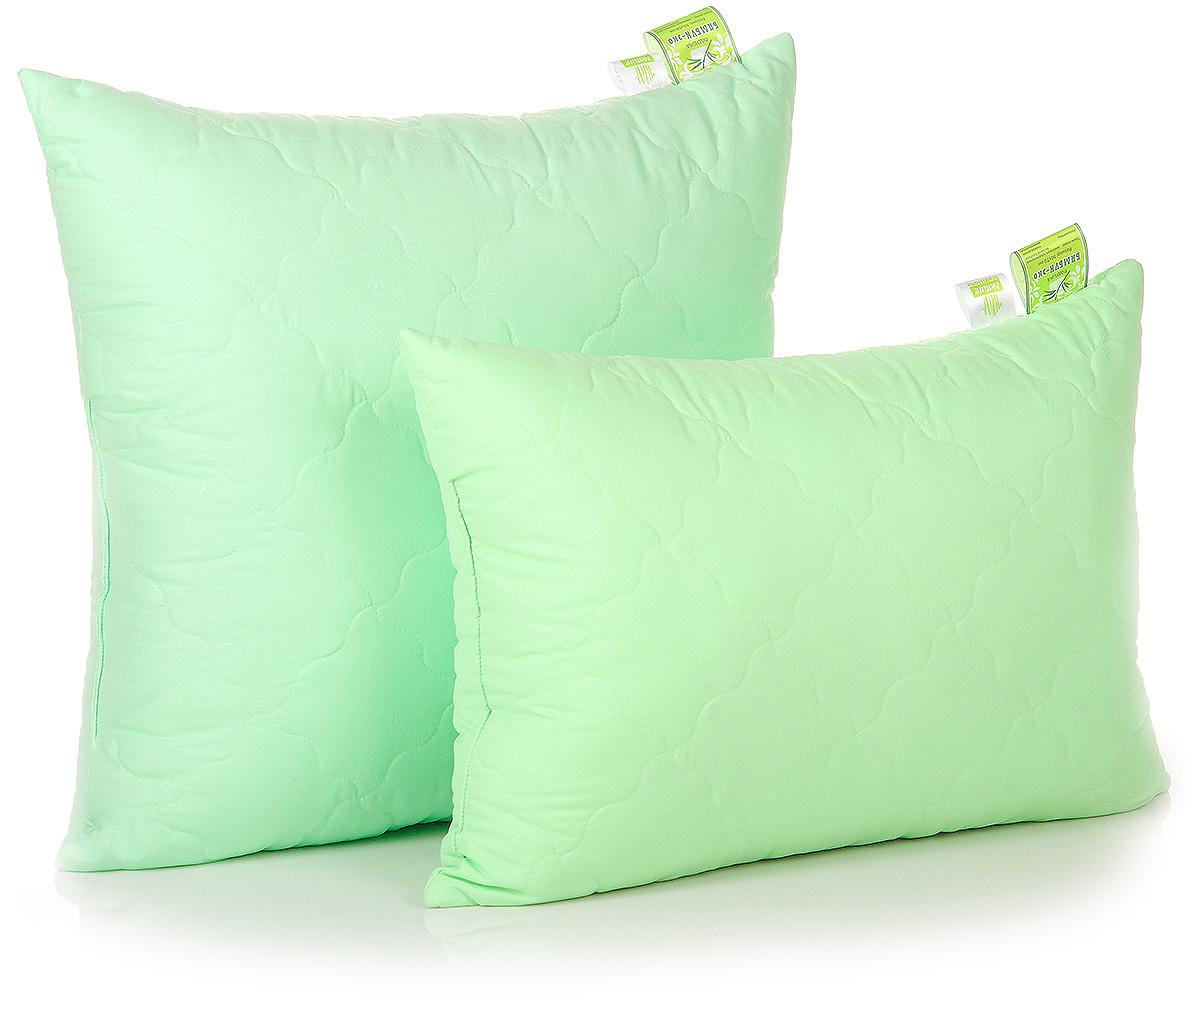 Подушка Belashoff Бамбук-Эко, цвет: зеленый, 68 х 68 смПБ 2 - 1Коллекция Бамбук-Эко — облегченный вариант изделий с наполнителем из бамбукового волокна: одеяло, стеганое фантазийными узорами стежки, идеально подходит для летнего сезона, а использование современных синтетических тканей повышает износостойкость изделий.